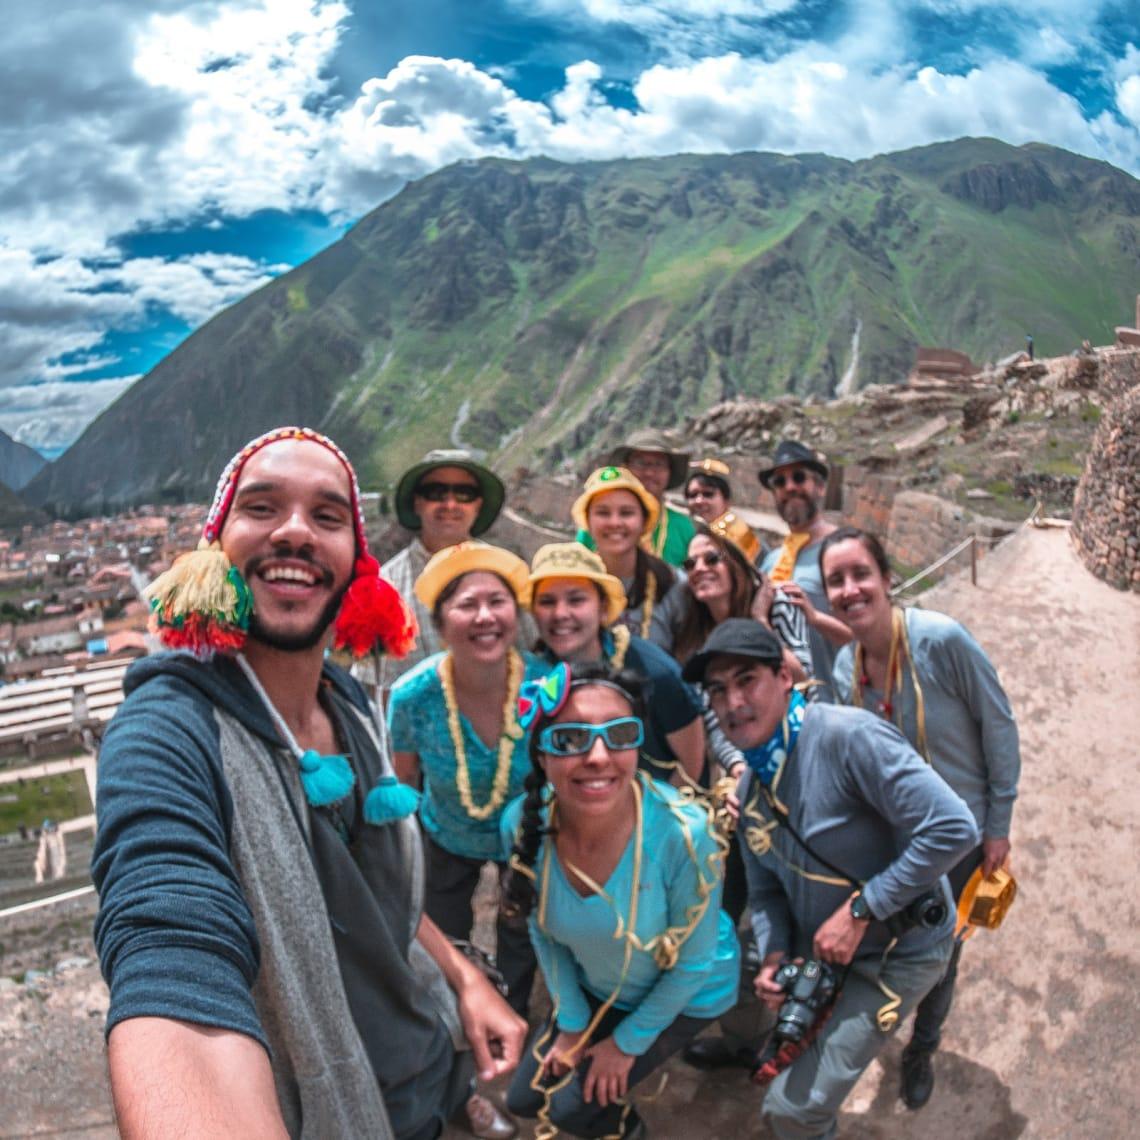 Grupo de viajantes que me acompanharam na visita à Ollantaytambo no Peru.